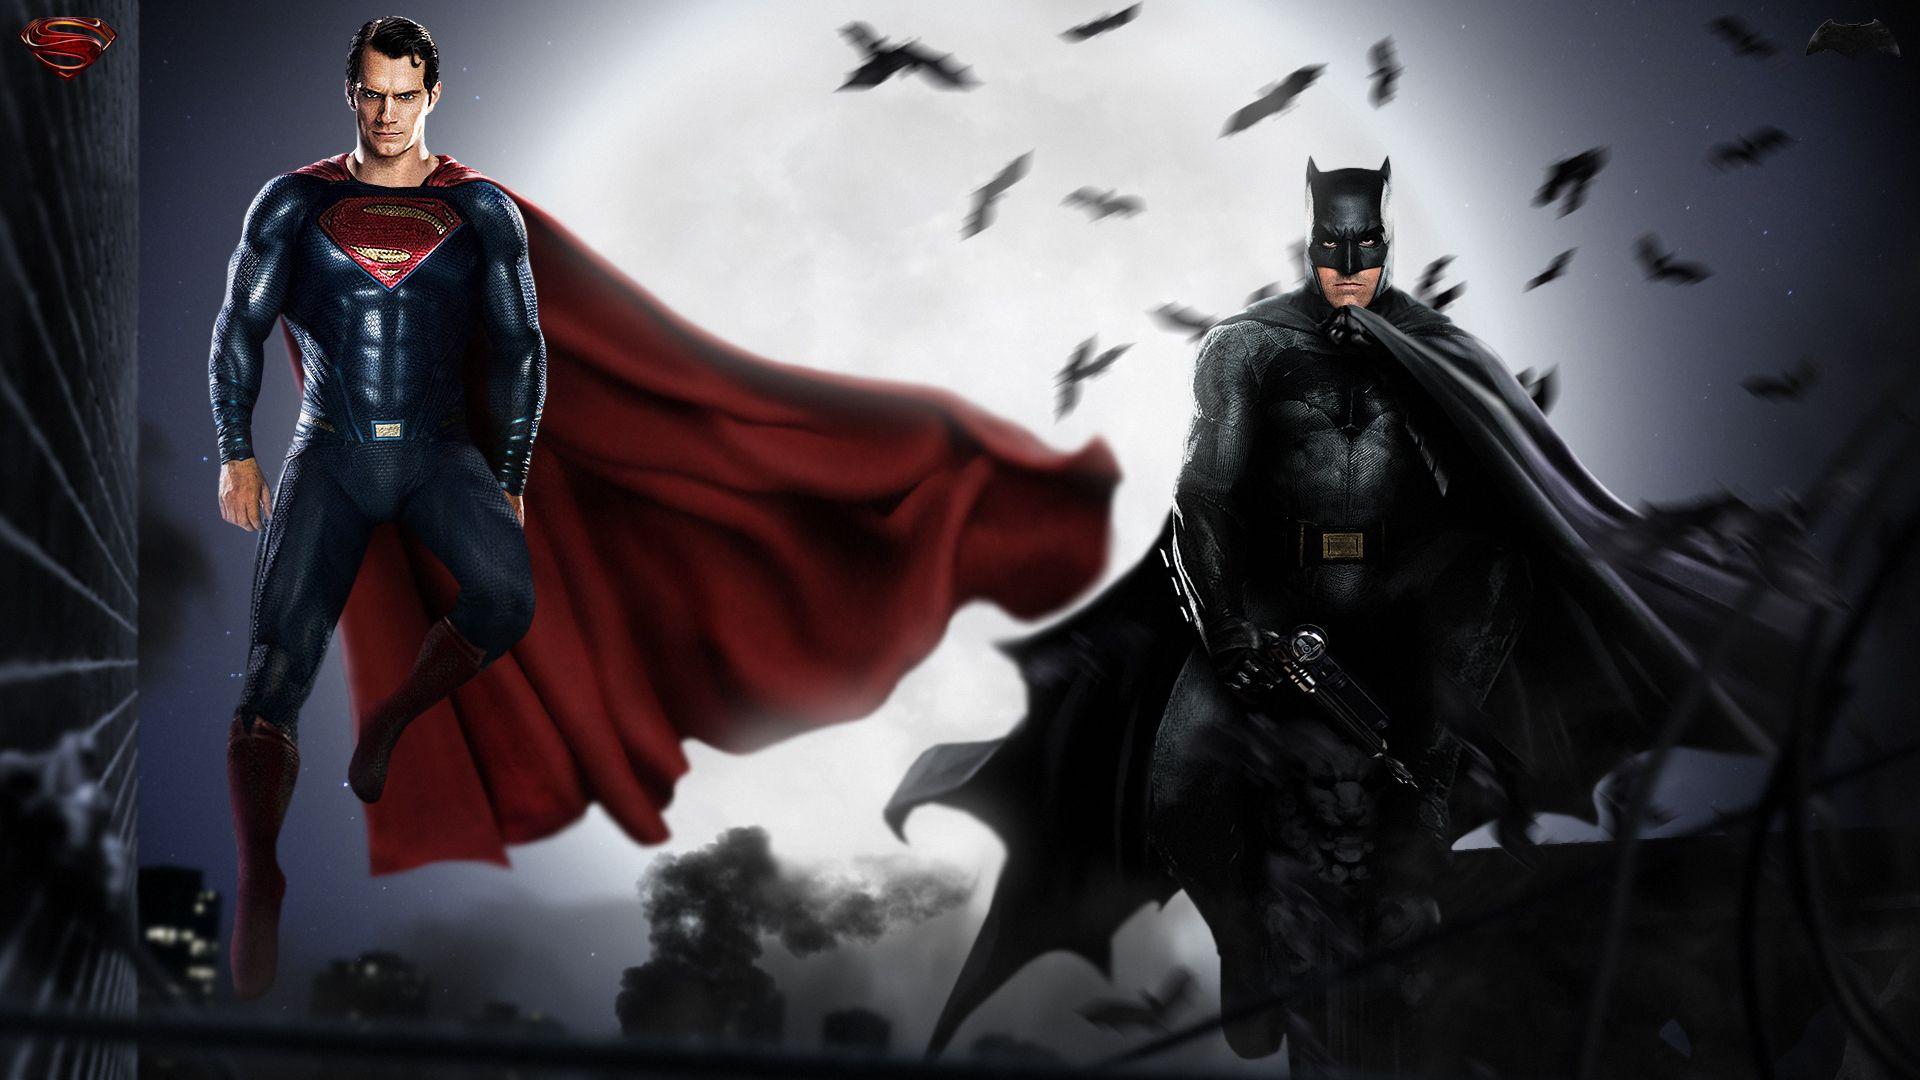 Batman Vs Superman 3d Movies Wallpaper Hd Superman Wallpaper Batman Vs Superman Batman V Superman Dawn Of Justice